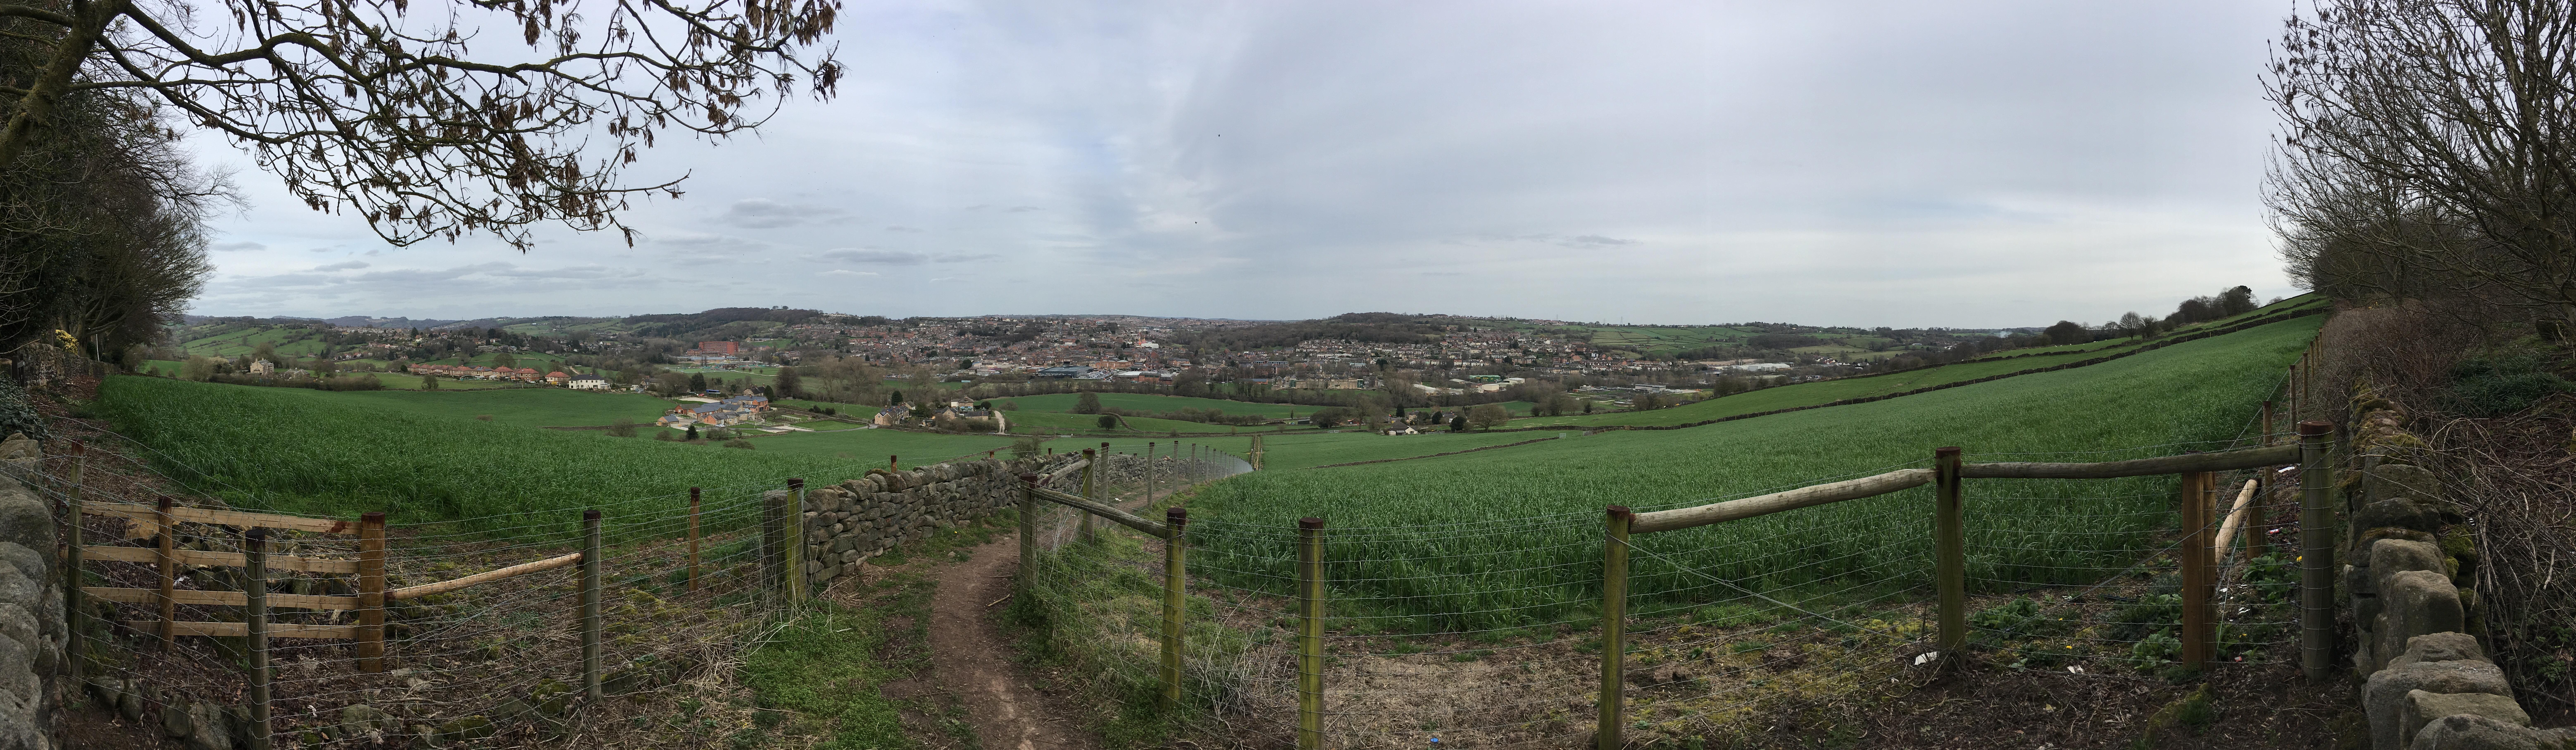 Walking, Belper, Aromatherapy, Wellbeing, massage, Derbyshire